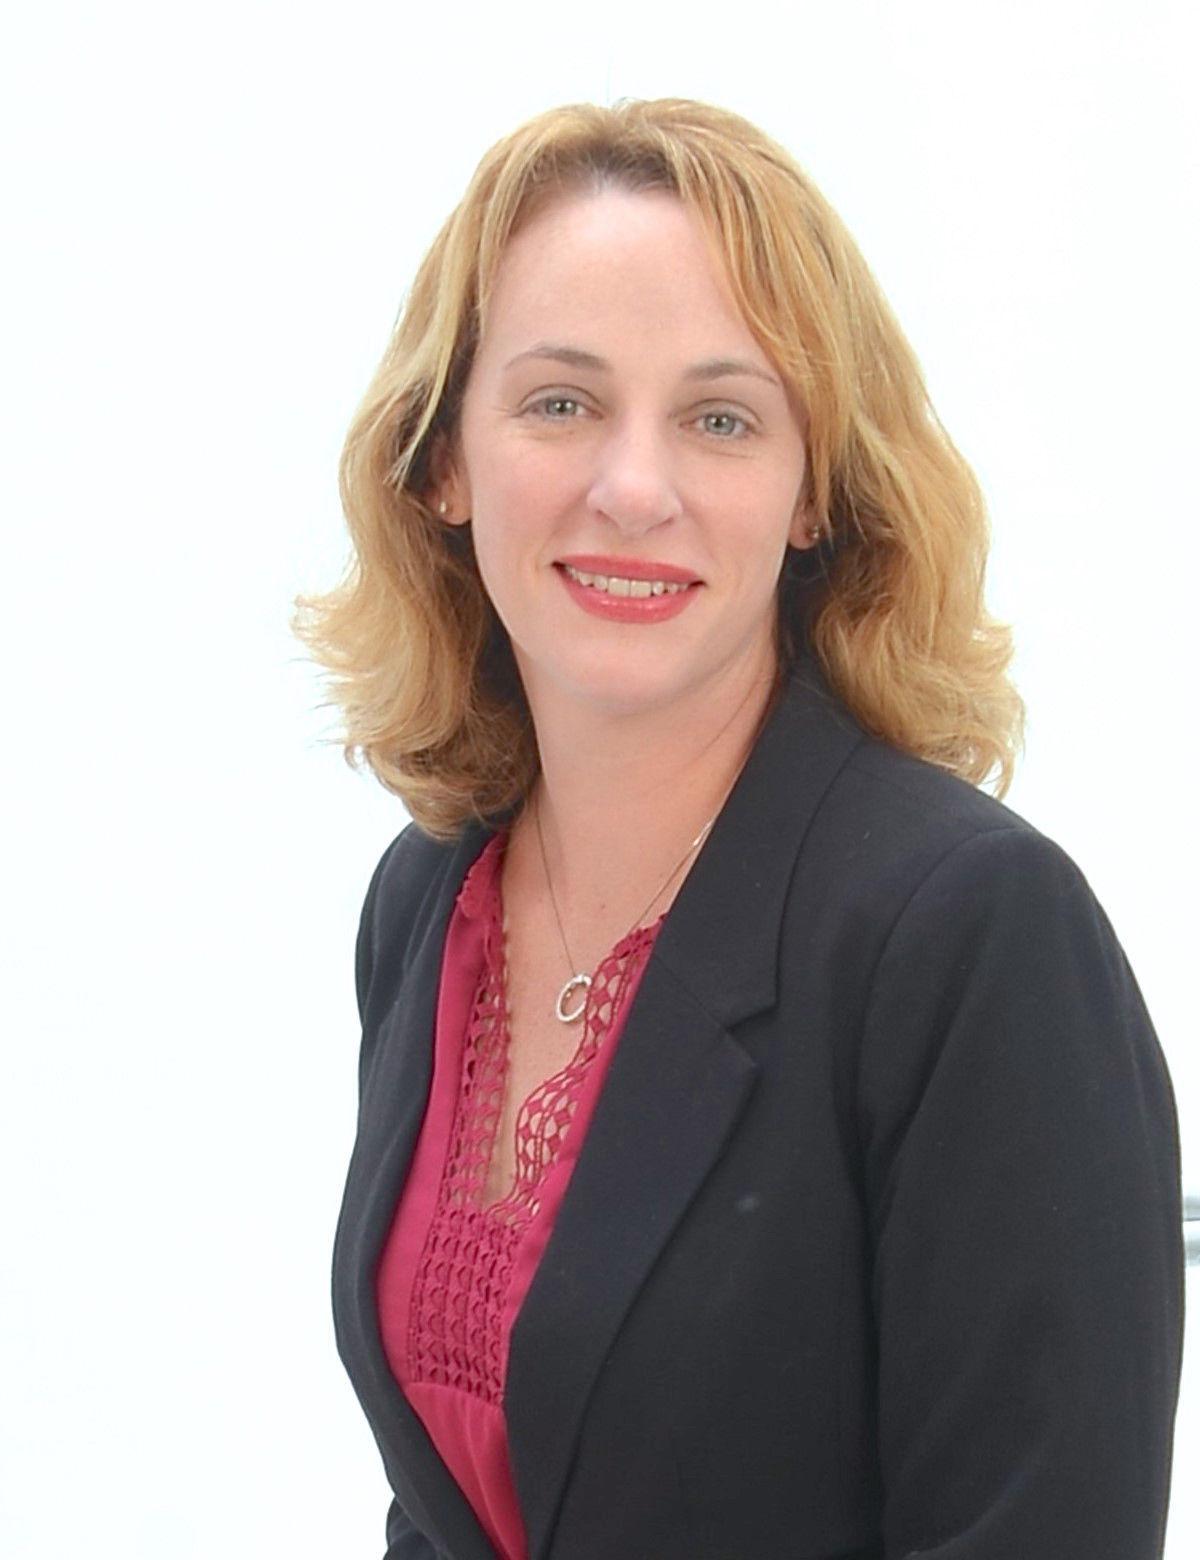 Michelle Dilks